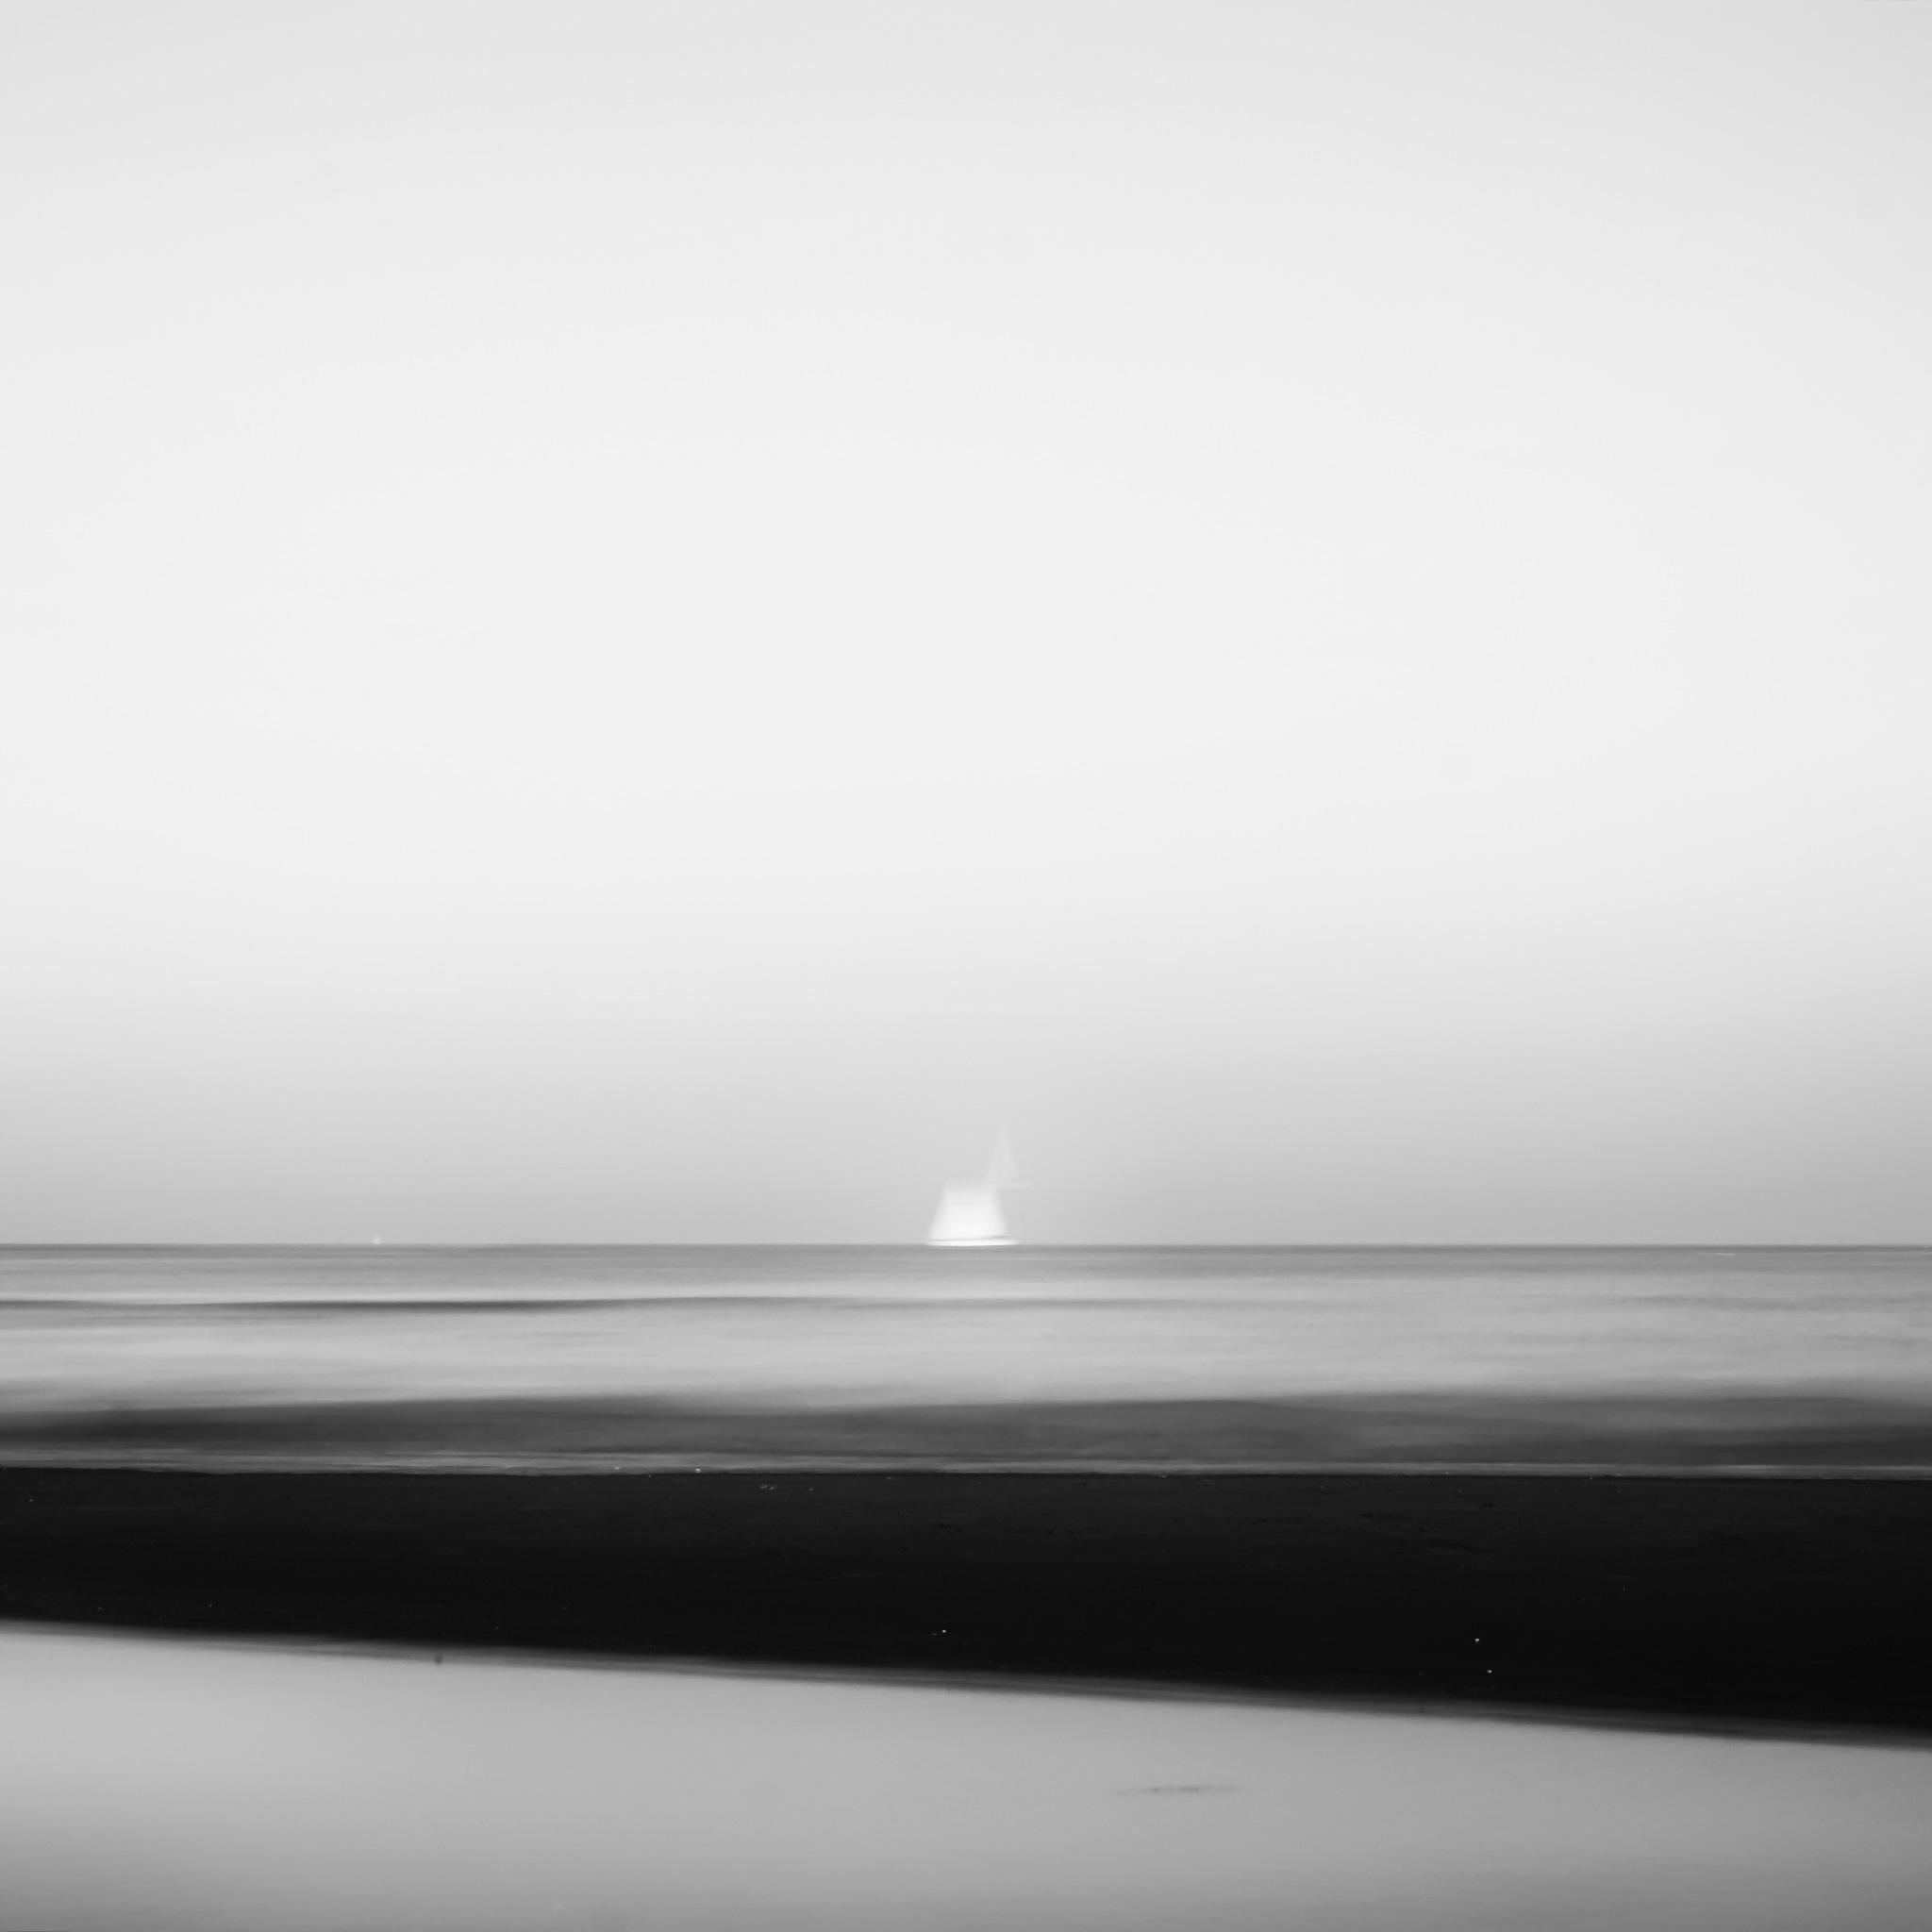 Sailboat by Pietro Abbagnato